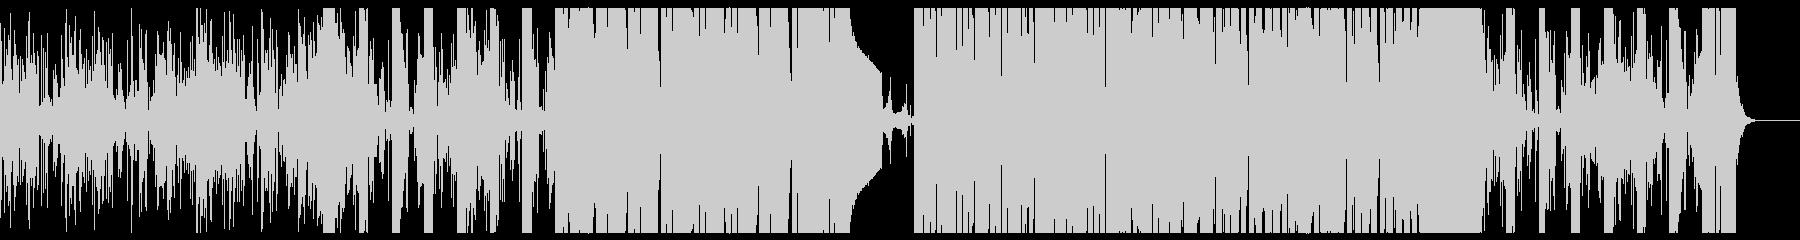 エレクトロニカ&オーケストラ系 1の未再生の波形